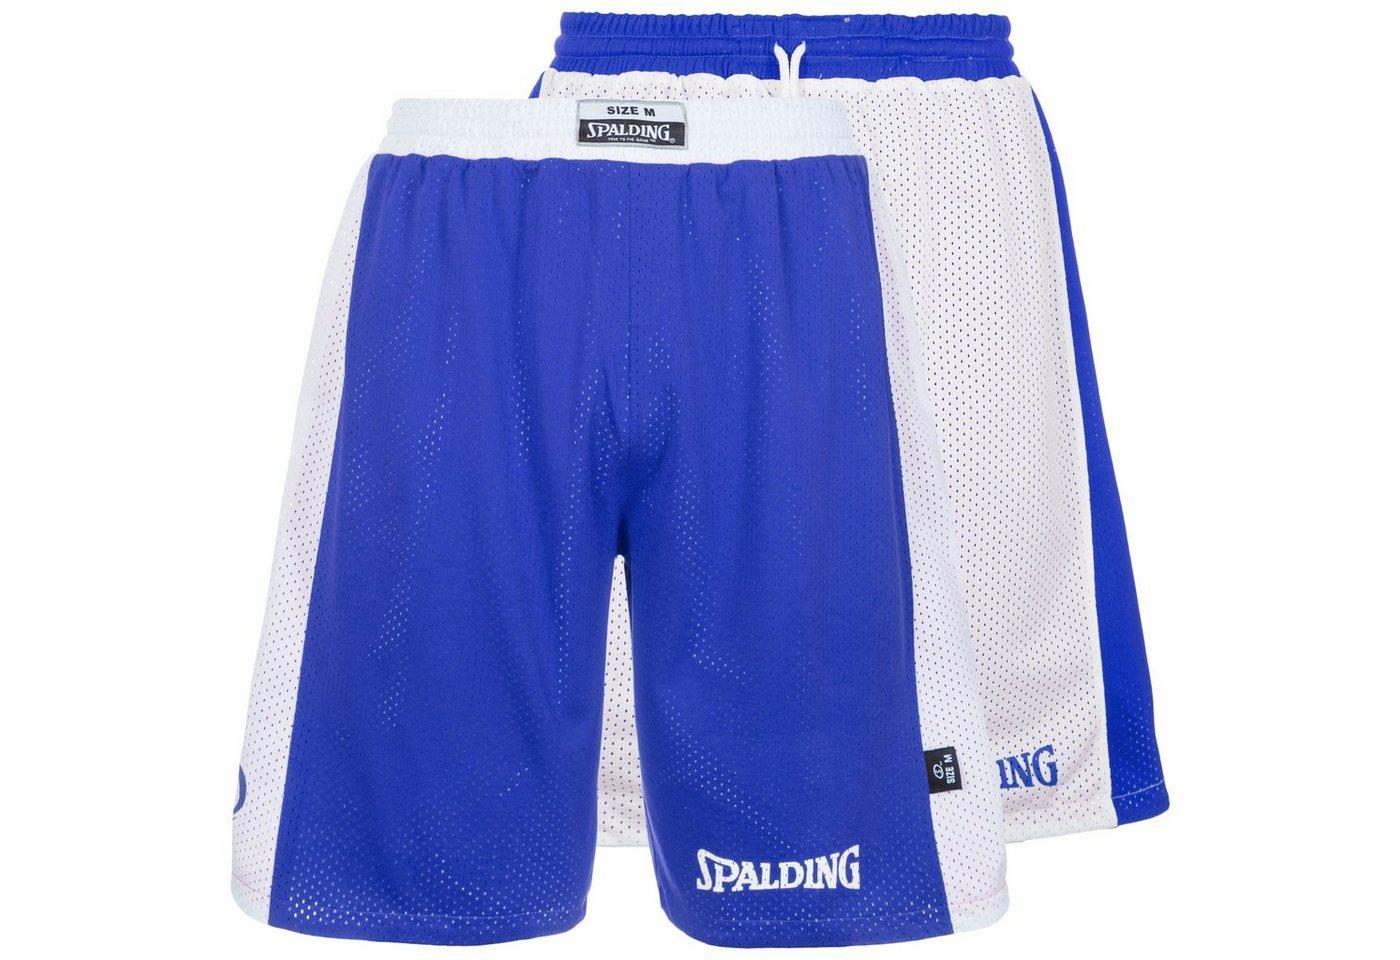 Spalding Essential Reversible Basketballshort Herren | Sportbekleidung > Sporthosen > Basketballshorts | Blau | Spalding